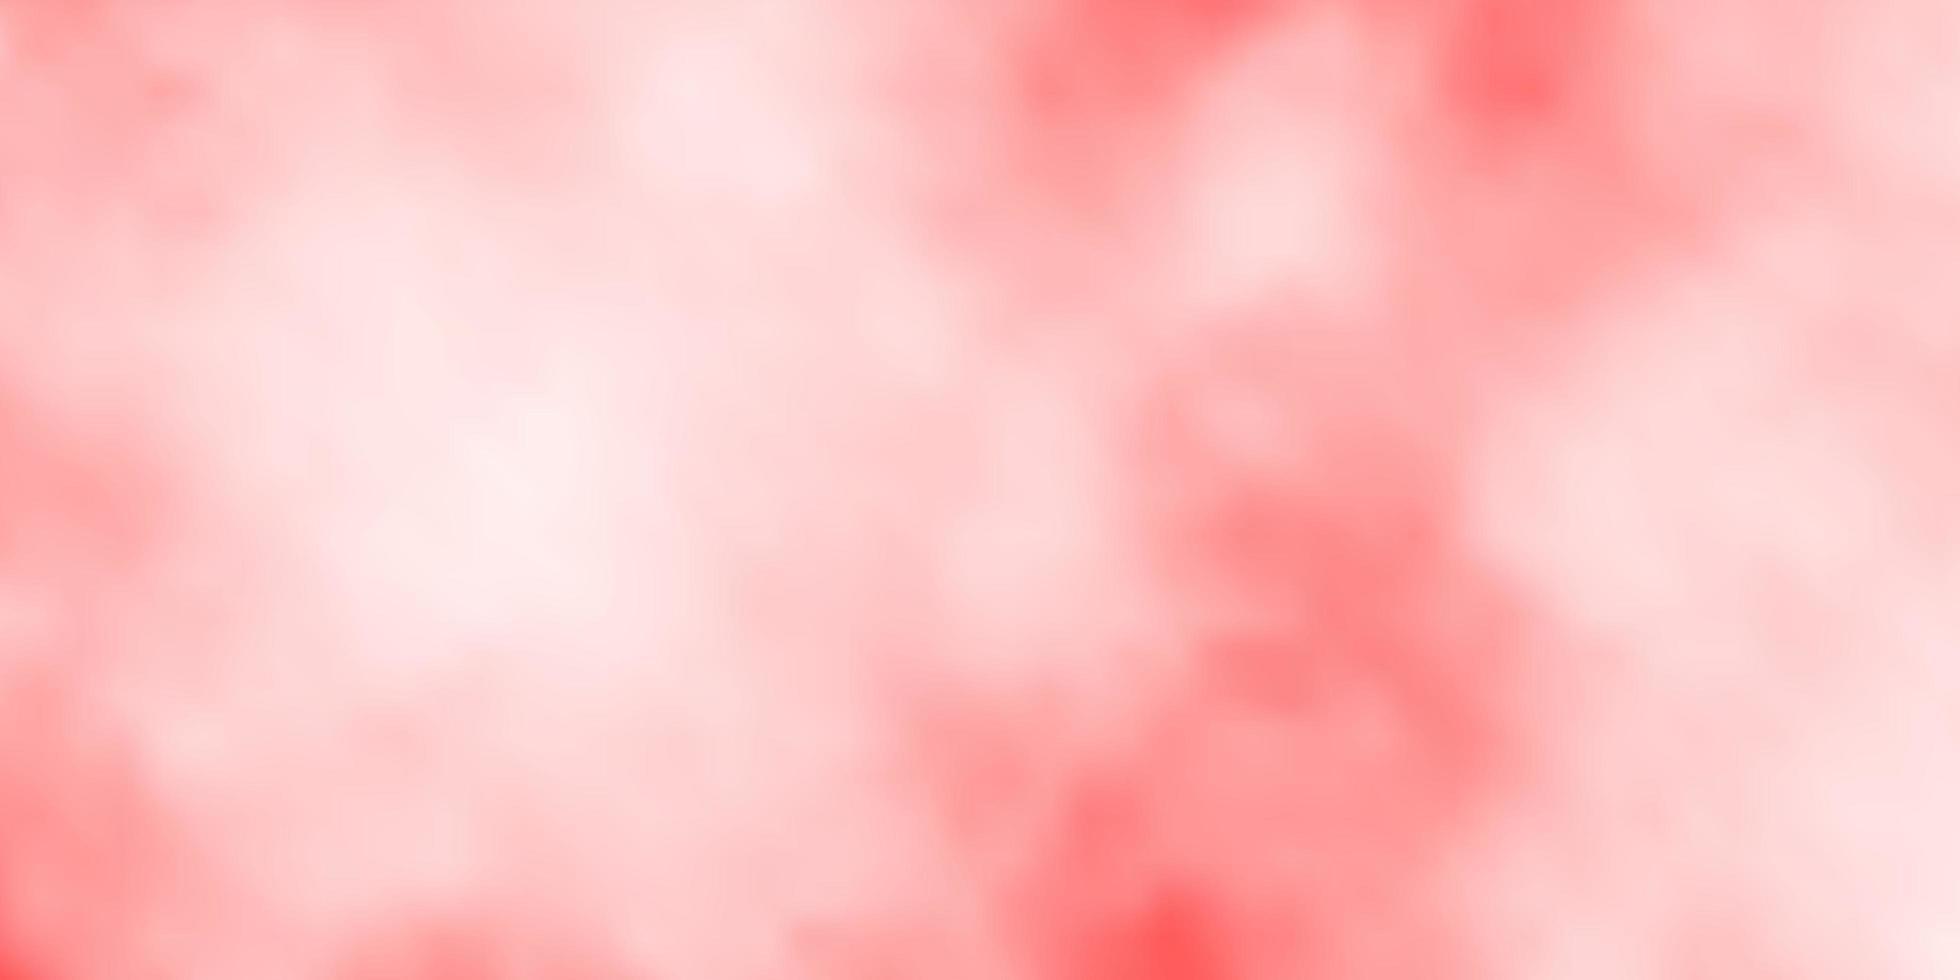 lichtrode vectorachtergrond met wolken. vector